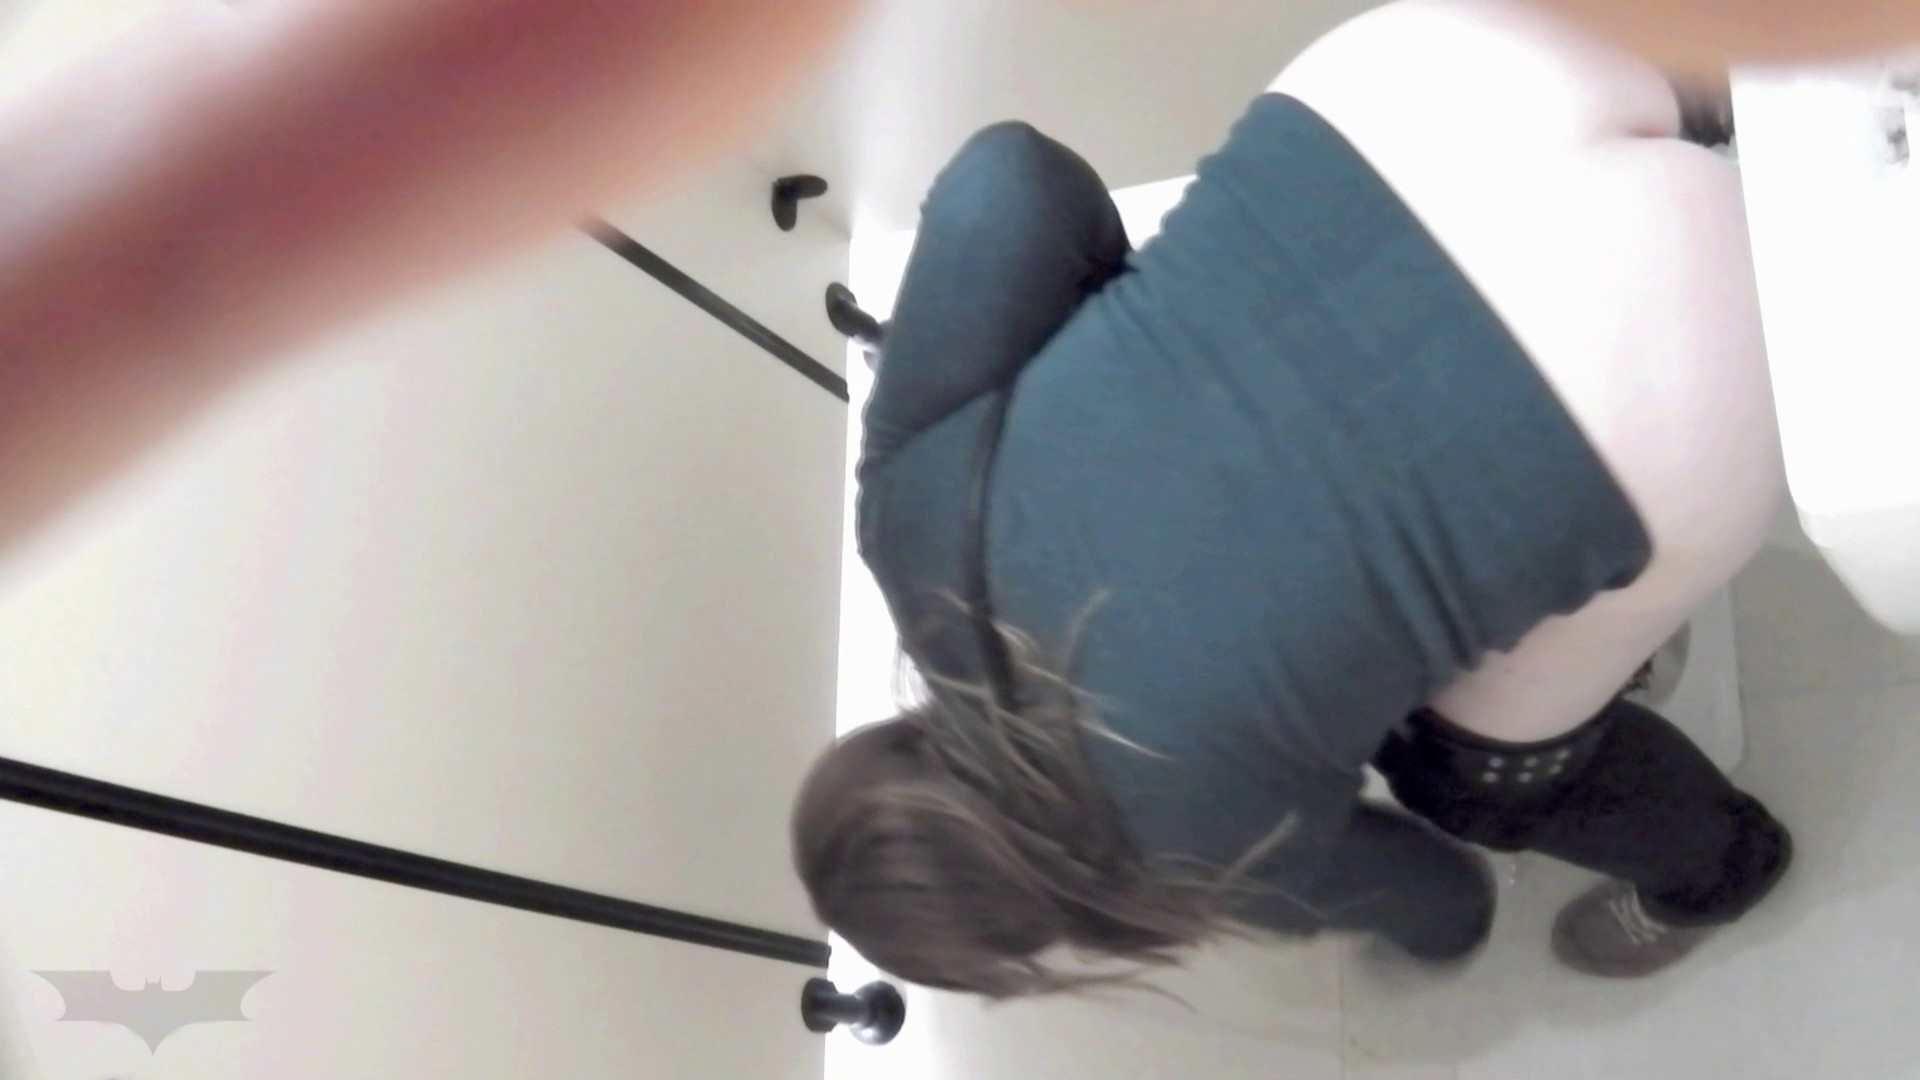 お市さんの「お尻丸出しジャンボリー」 09 発見!可愛い日本人二人組 お姉さん攻略 セックス画像 108画像 70